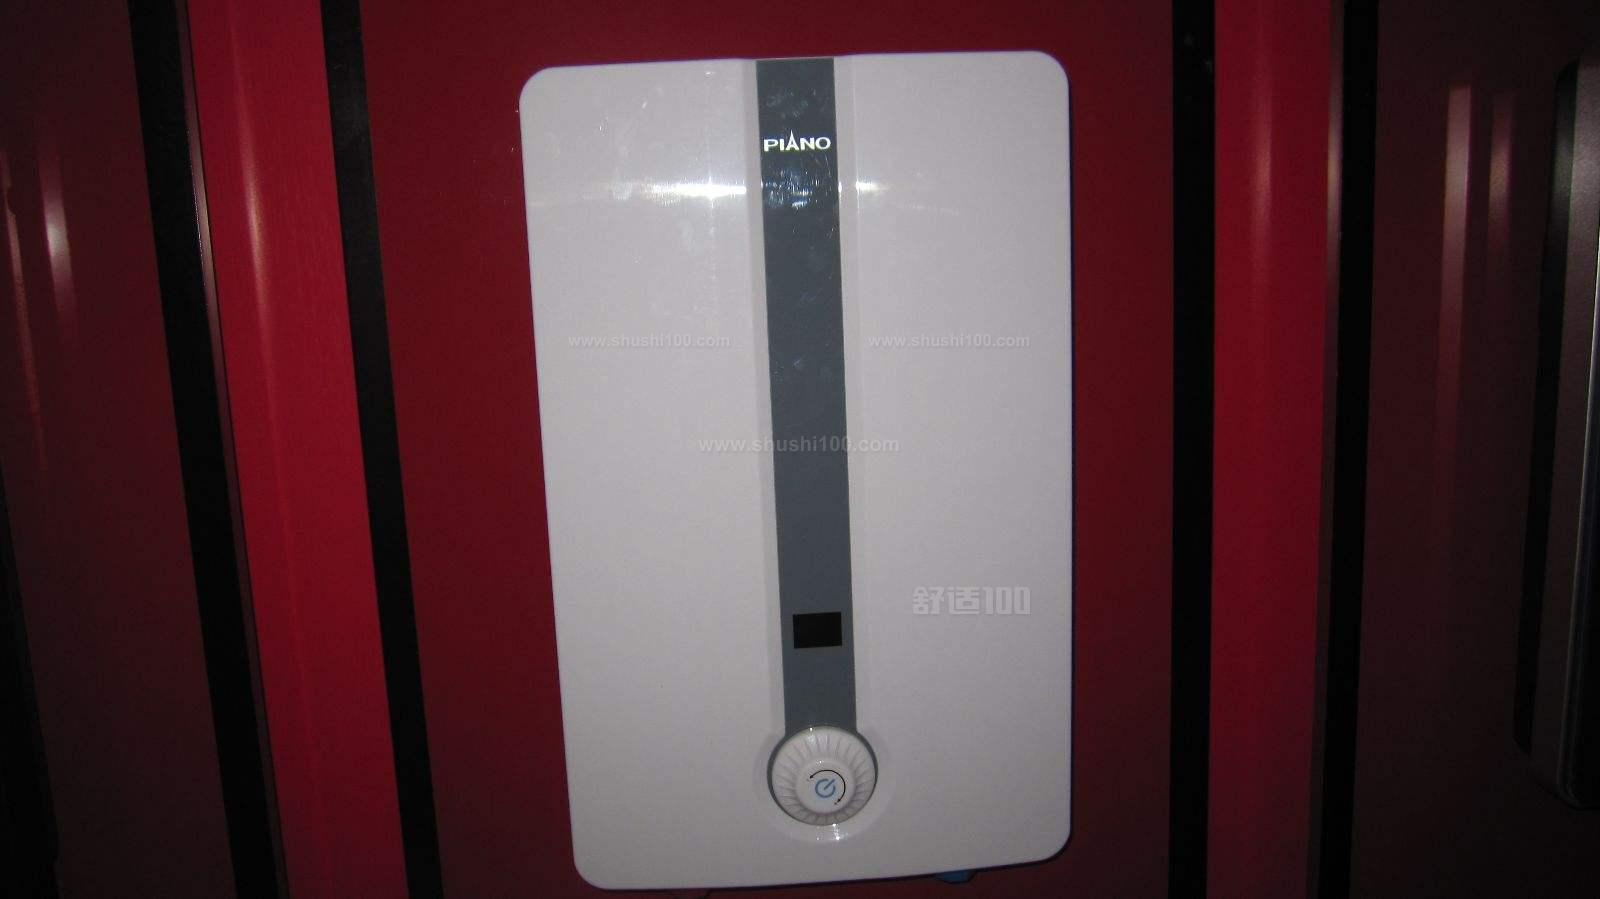 即热式电热水器价钱—即热式电热水器的价钱介绍图片